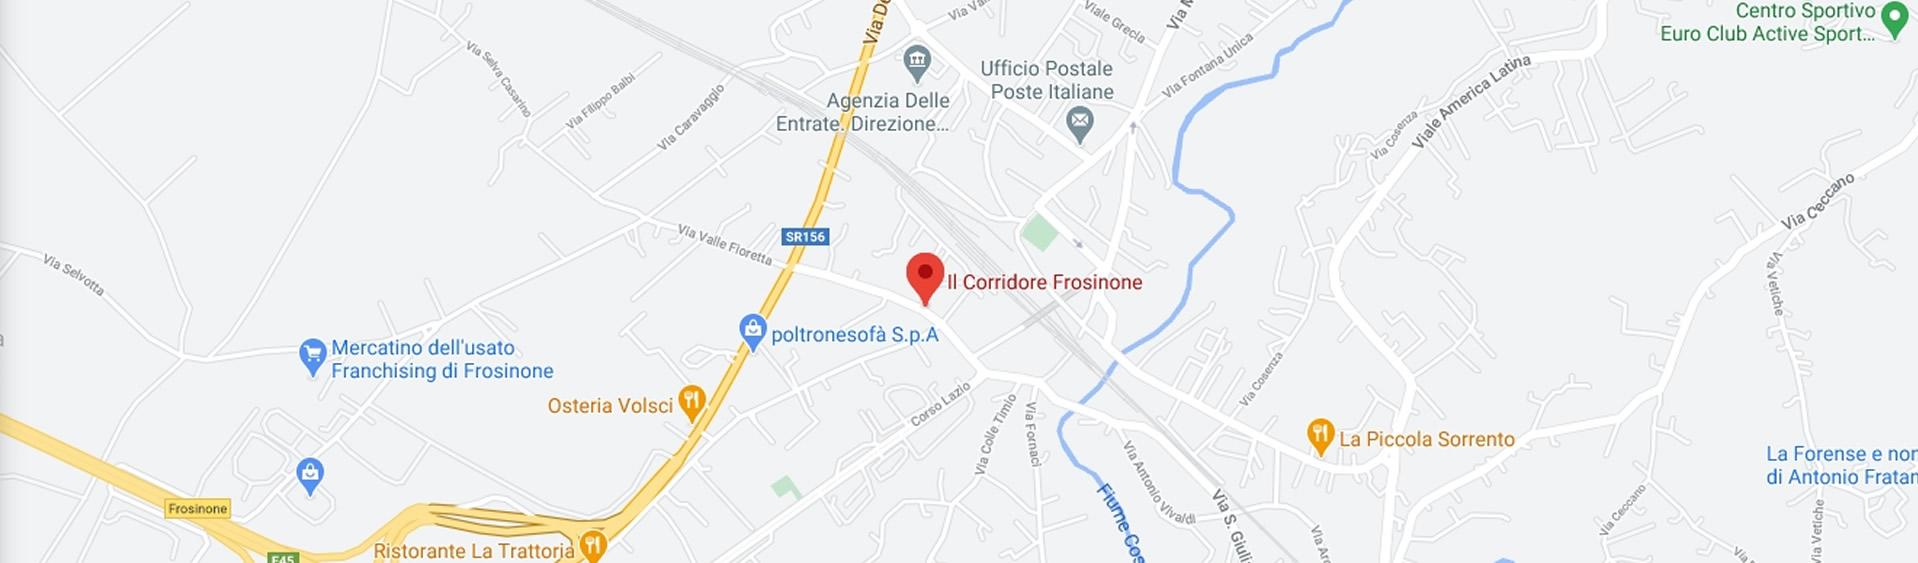 MAPPA IL CORRIDORE FROSINONE